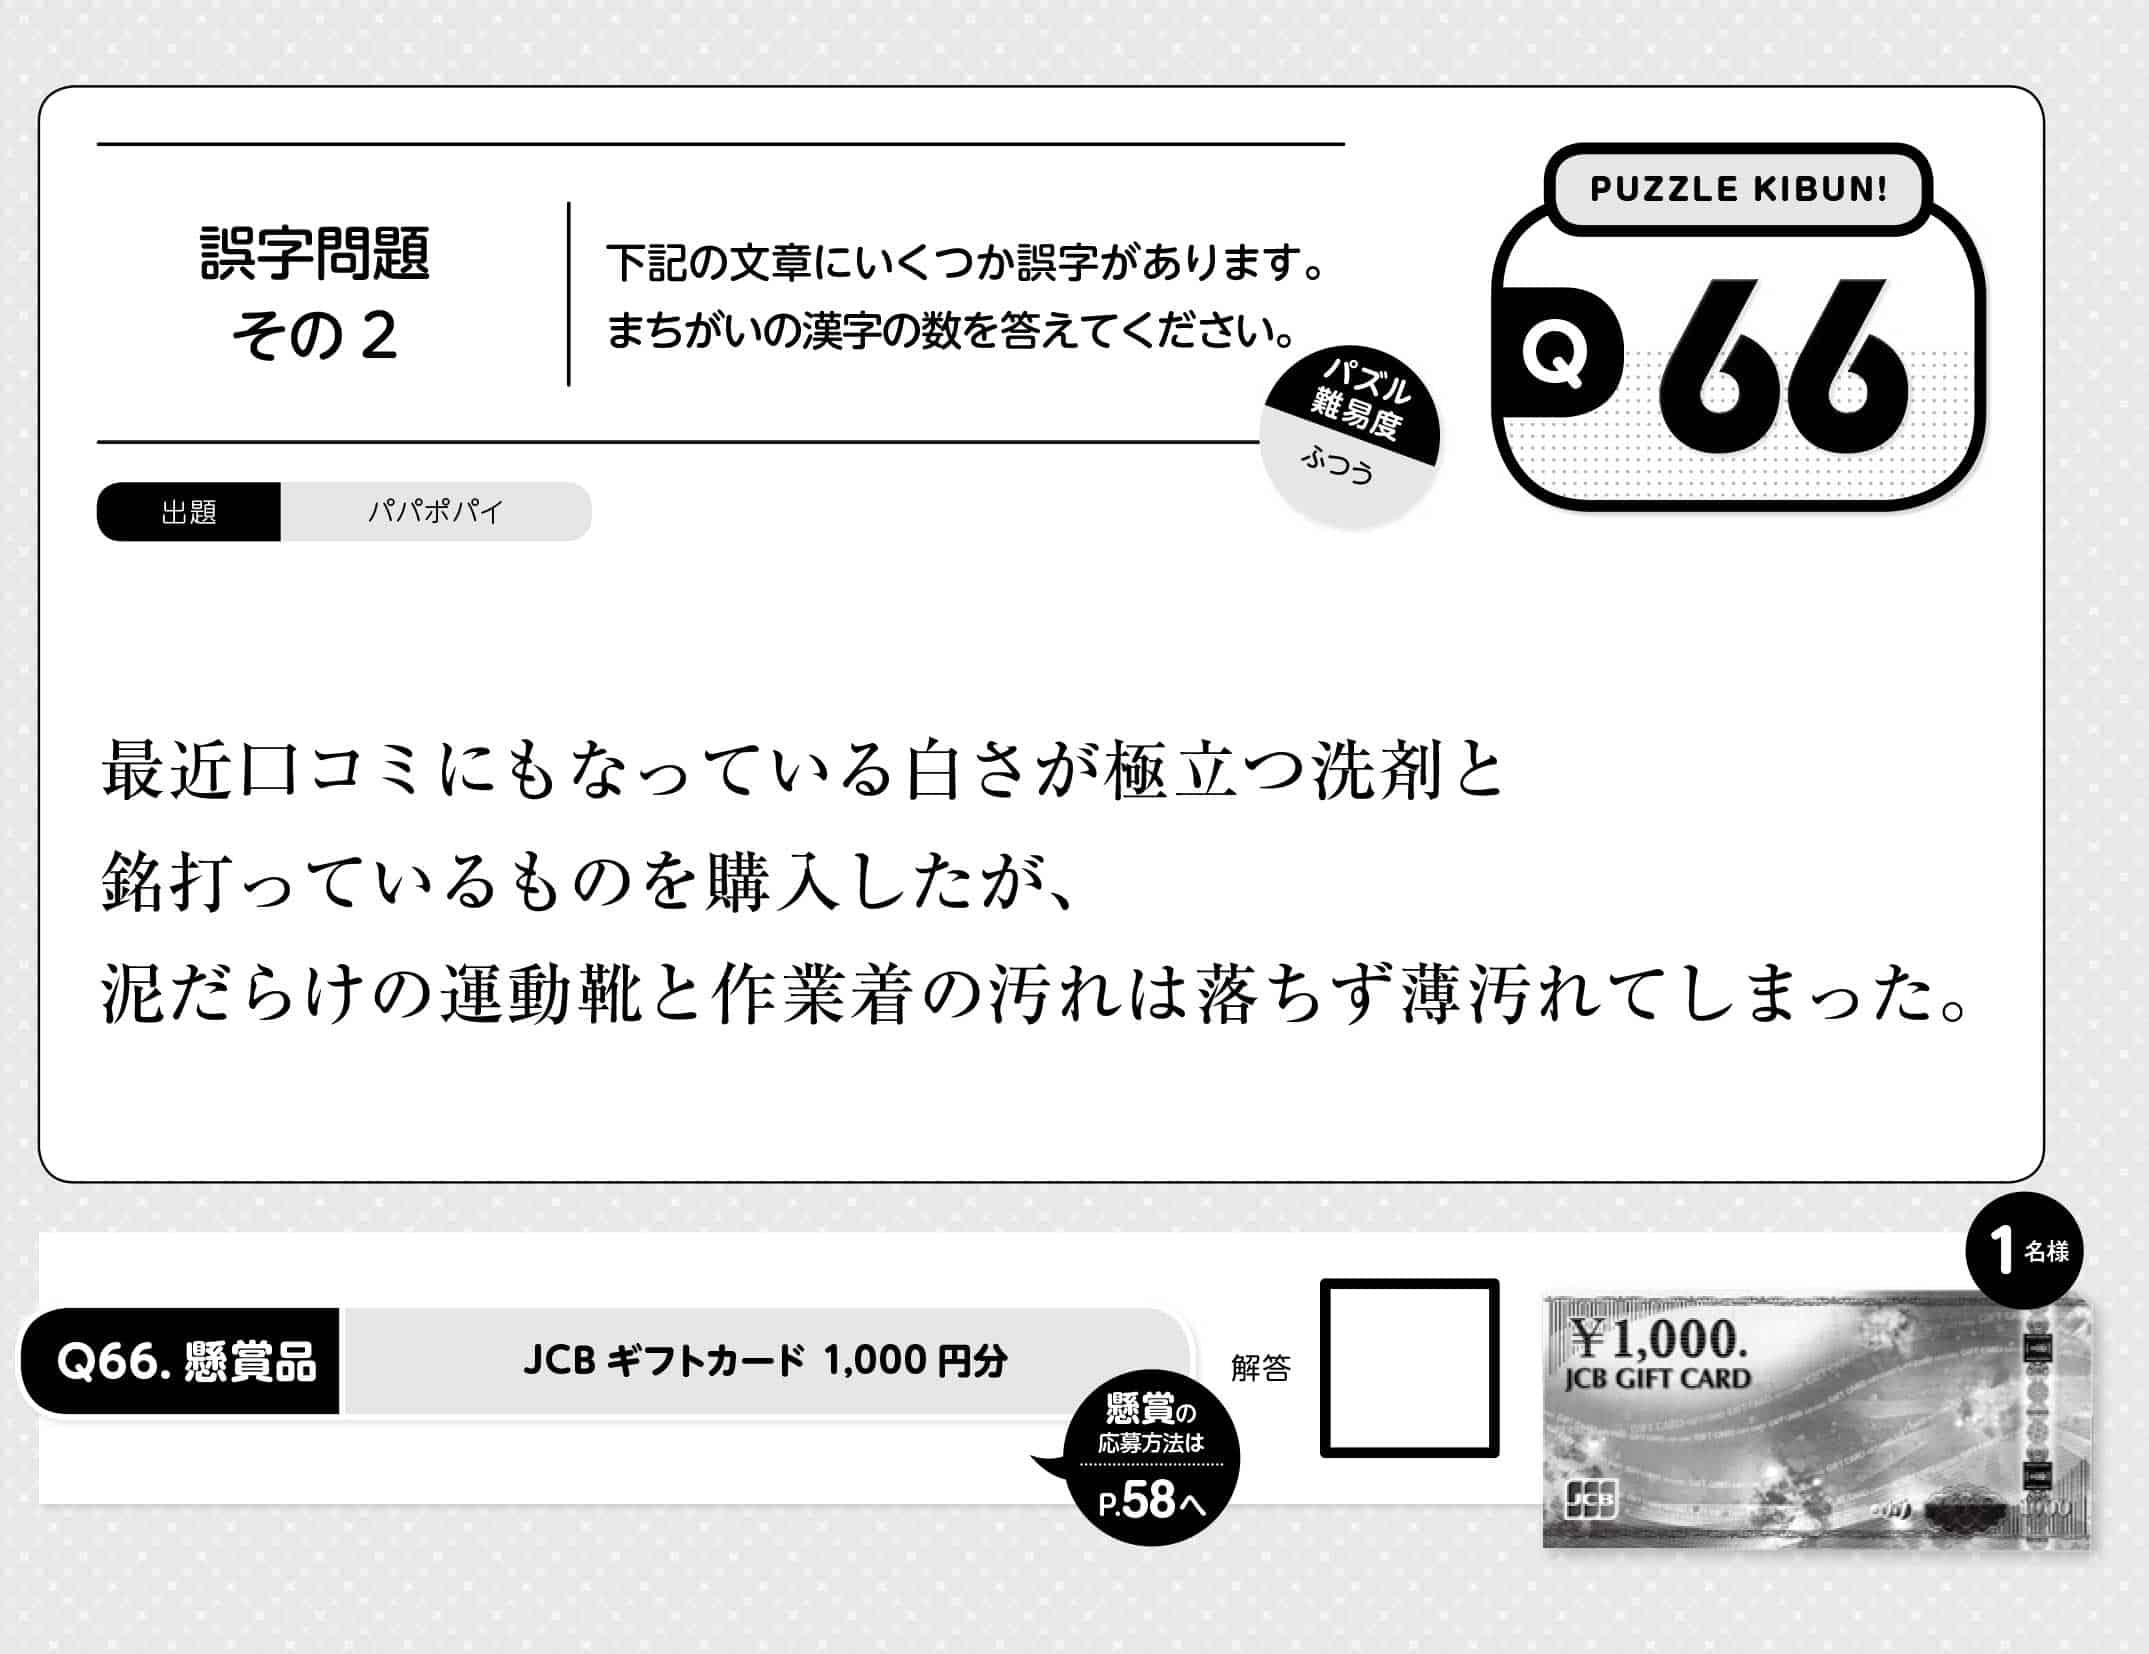 【パズルきぶん Vol.3】Q66 懐かしい学校の問題「誤字問題」2